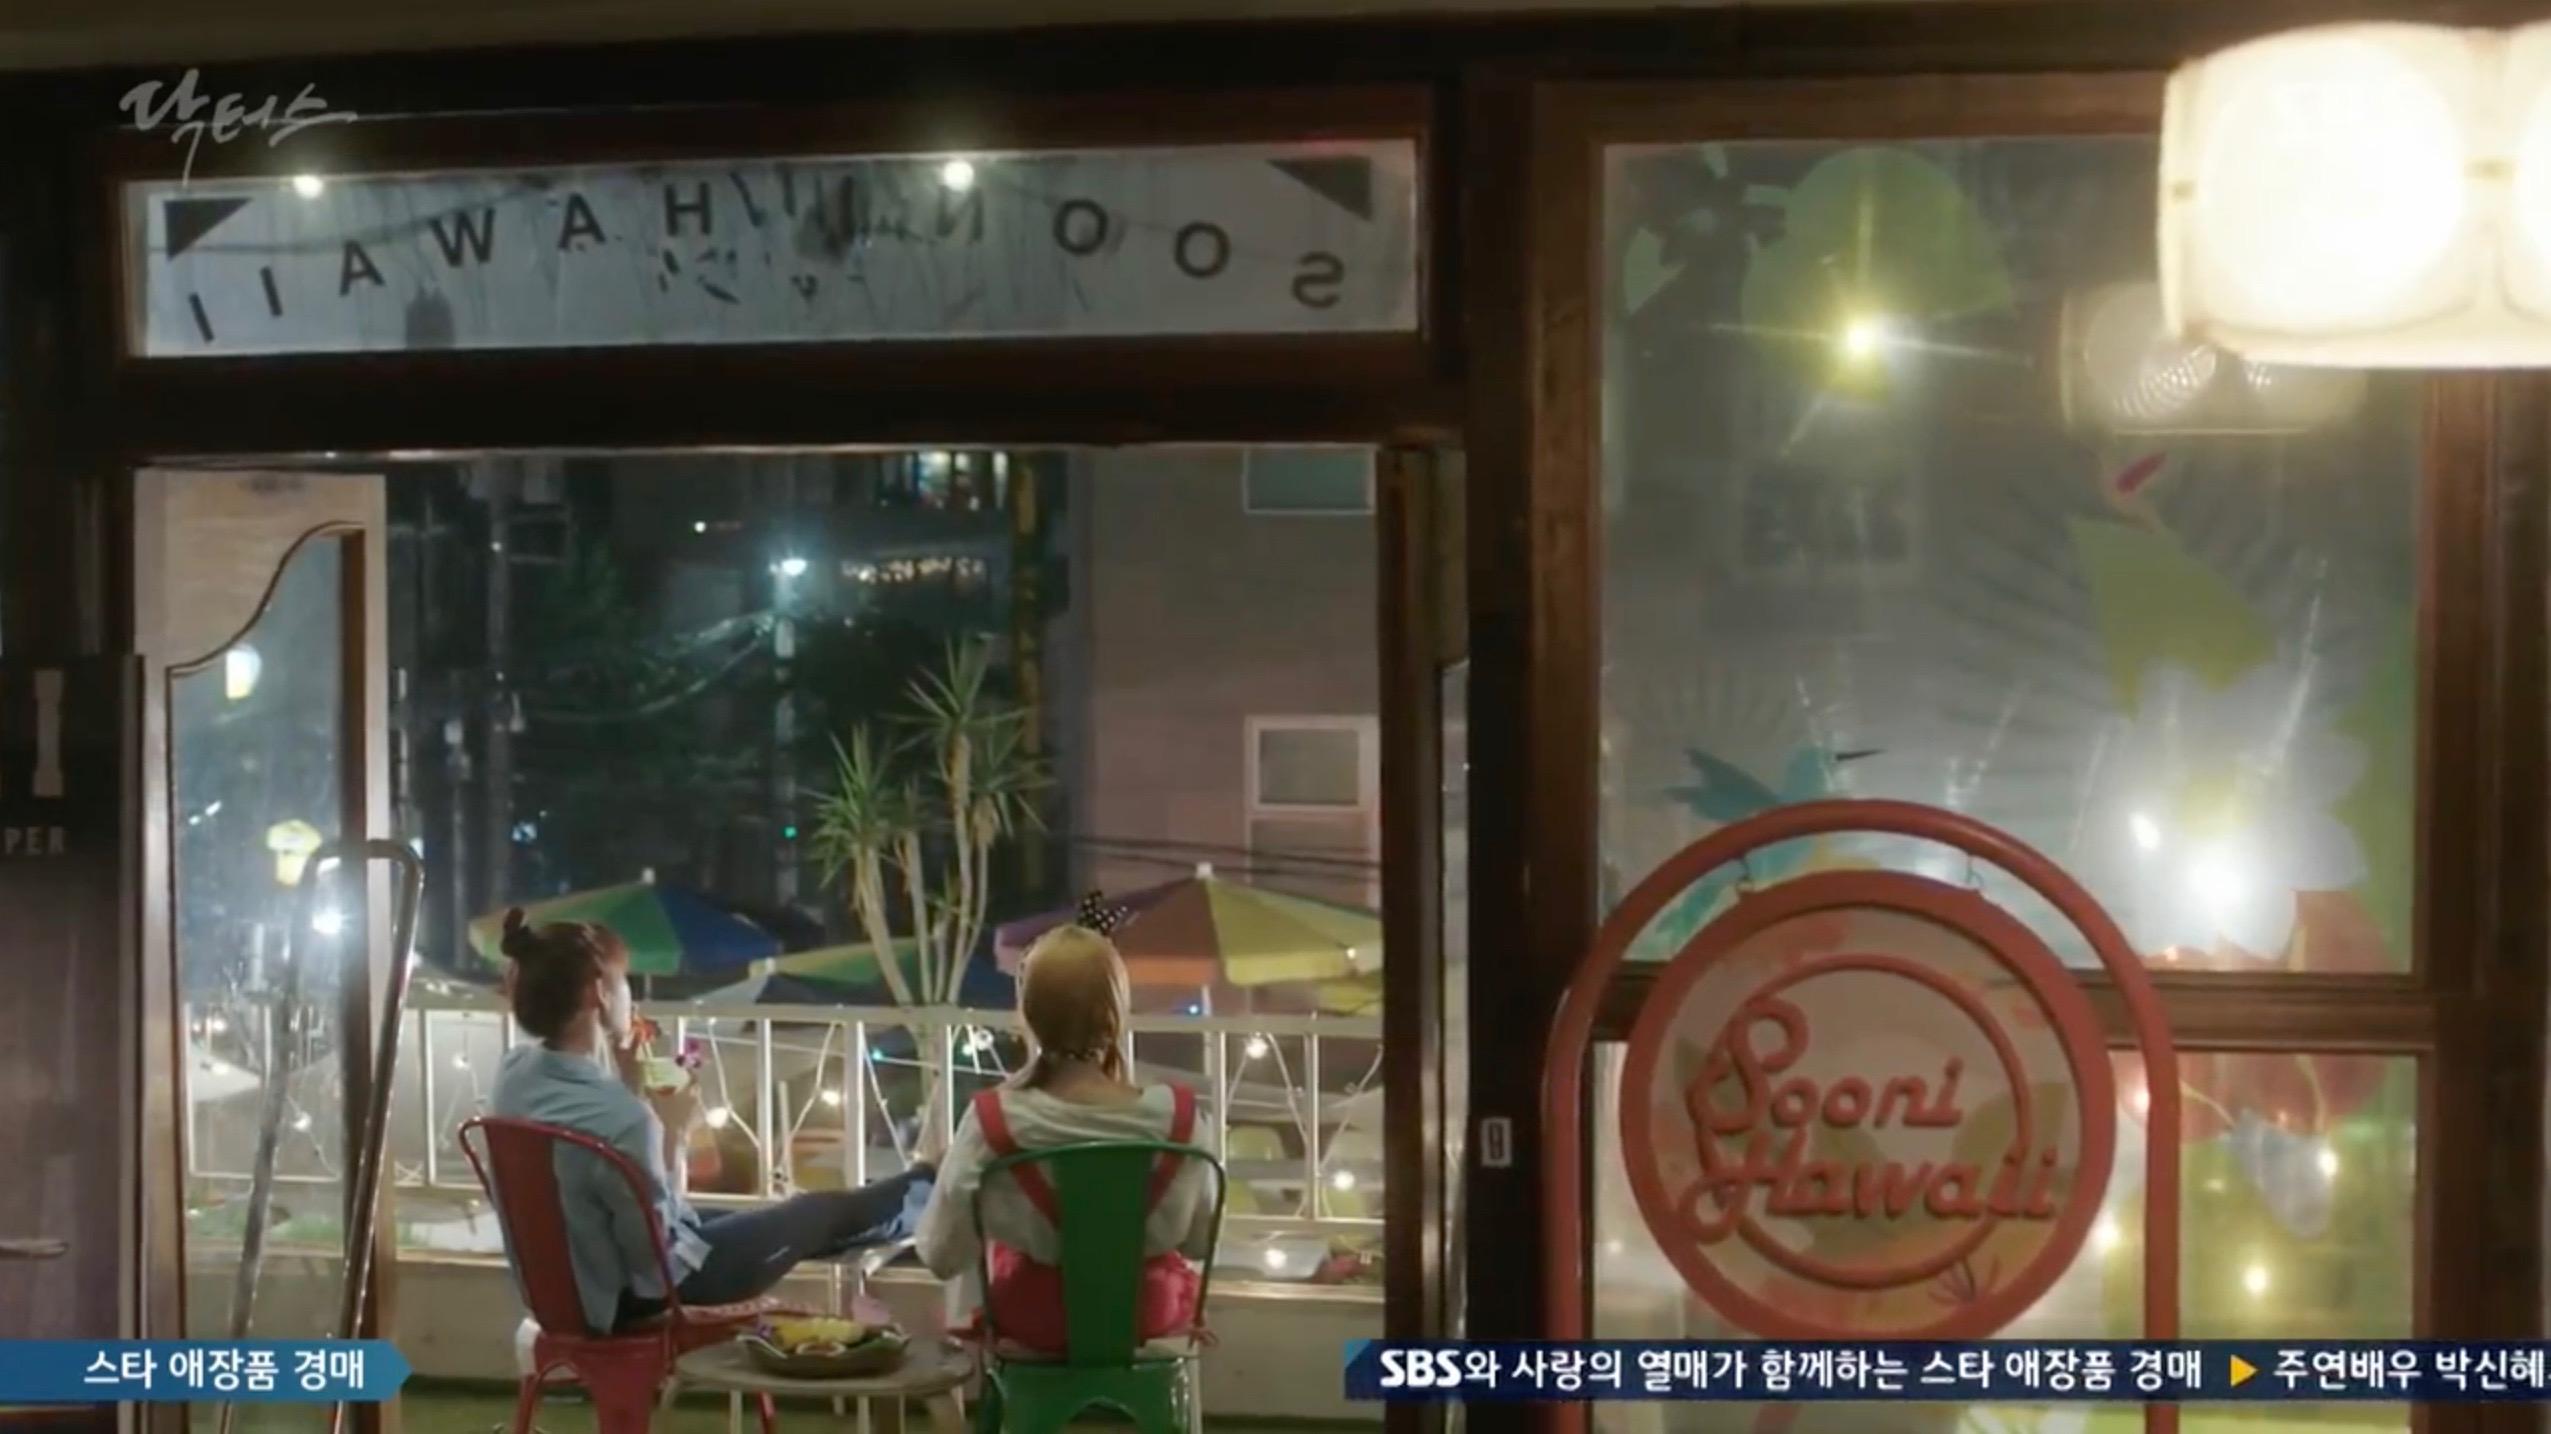 doctors yoo hye jung and chun soon hee in cafe ile ilgili görsel sonucu